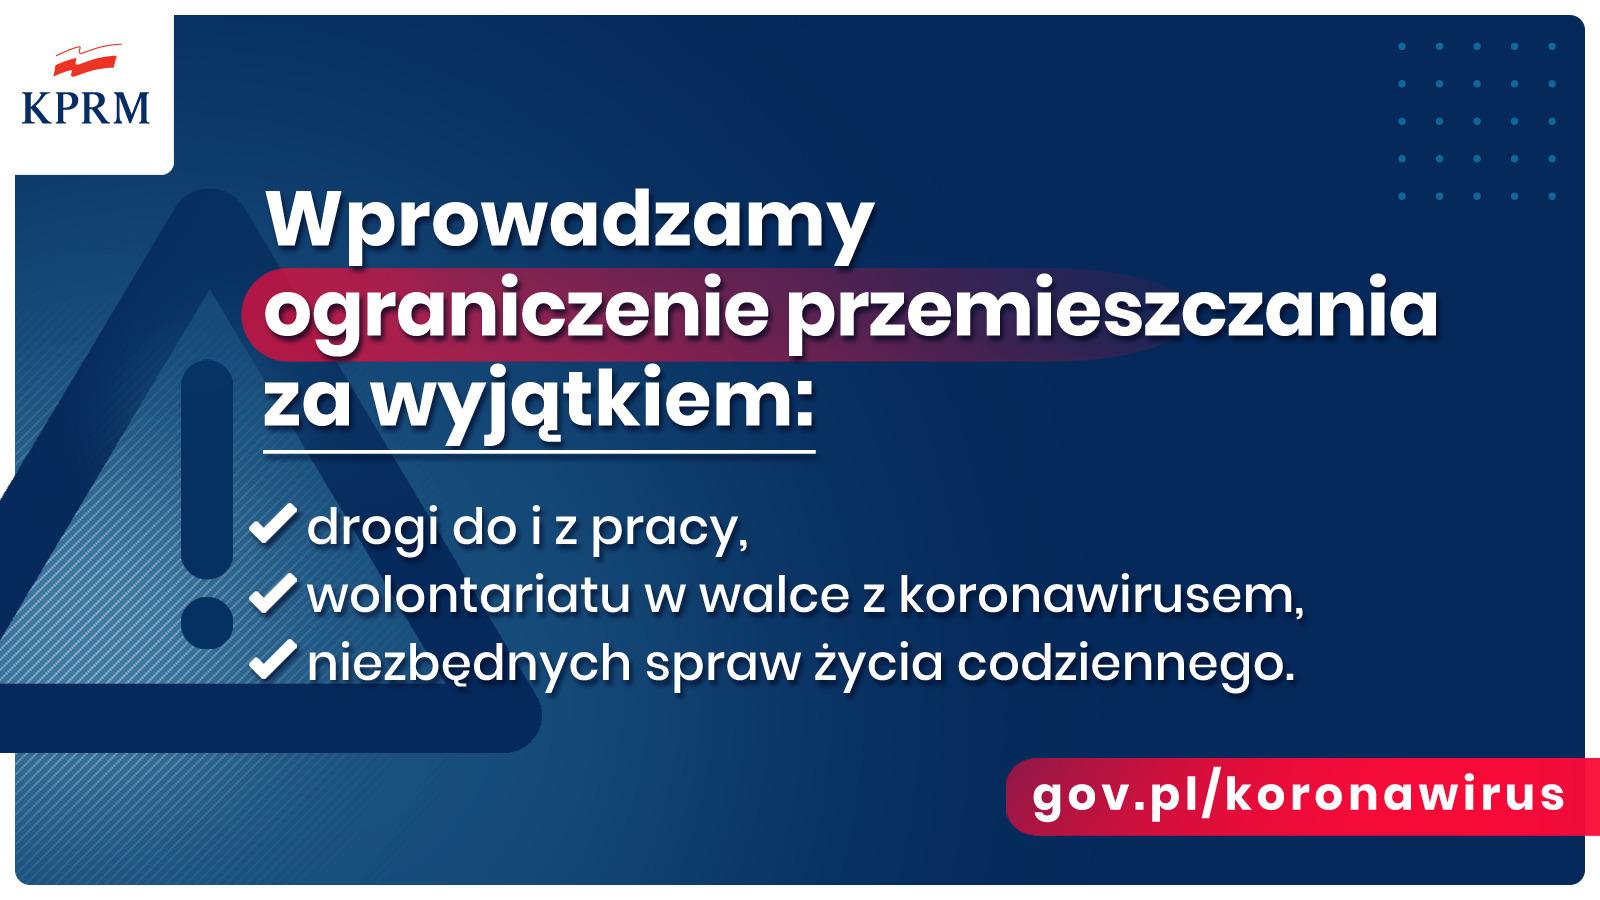 ET38Ce XsAEw3XH - Pilne: Rząd wprowadza nowe zasady bezpieczeństwa w związku z koronawirusem